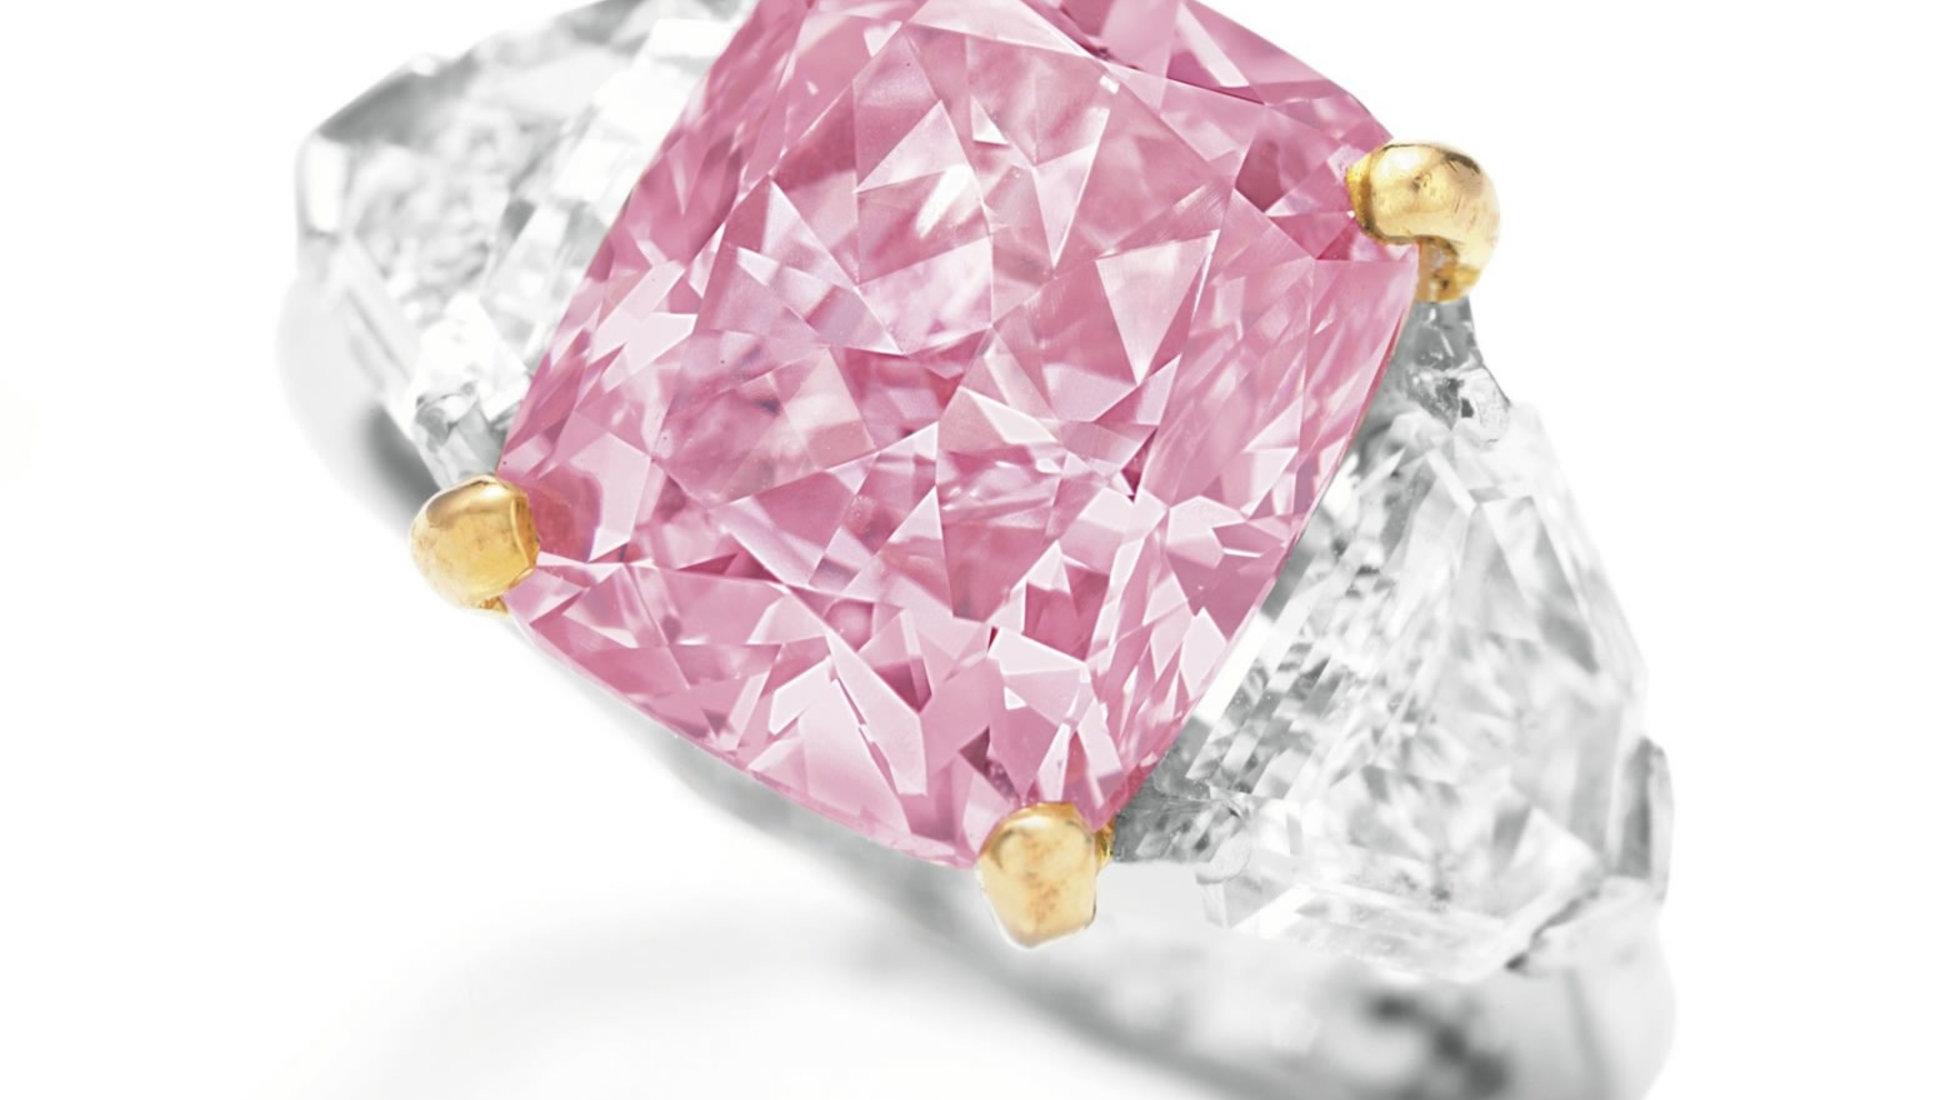 brillante sch nheiten die top 10 der teuersten diamanten. Black Bedroom Furniture Sets. Home Design Ideas